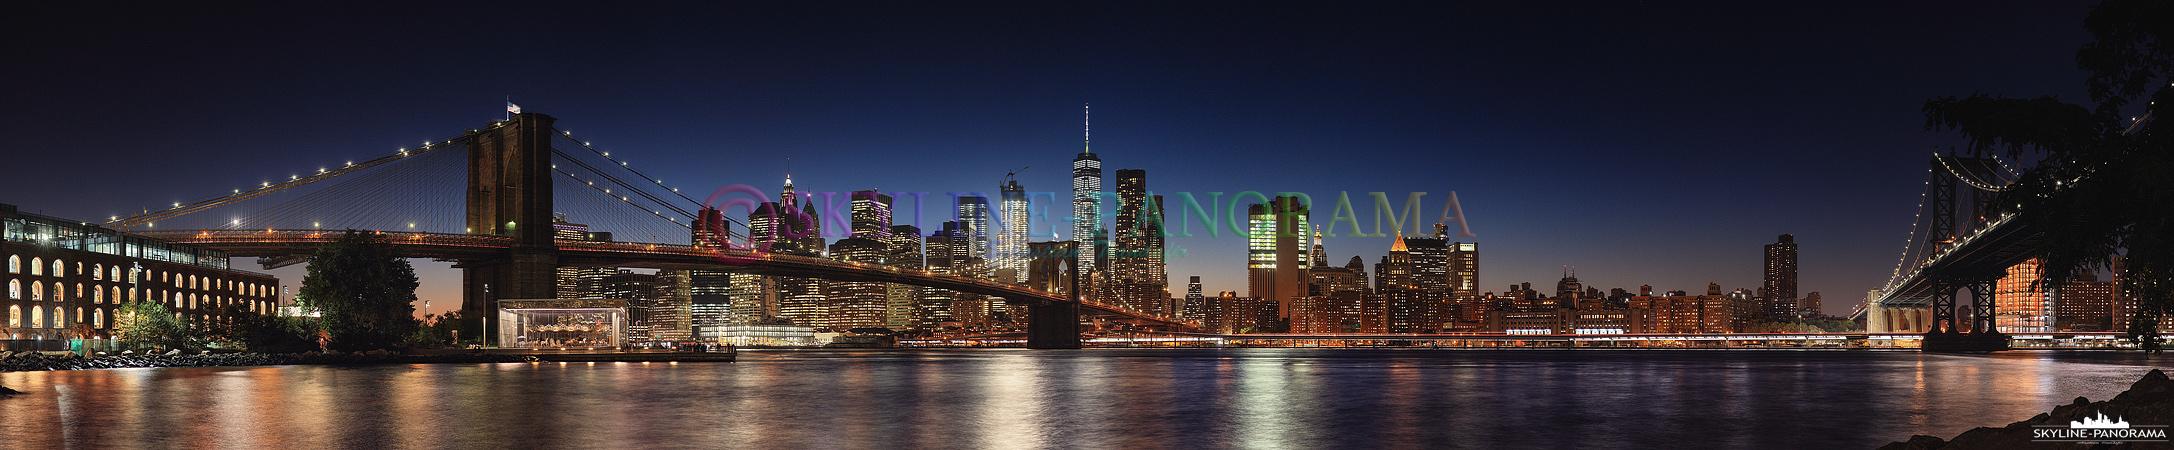 Skyline Panorama von New York City - Die abendliche Stadtansicht entstand im Empire-Fulton Ferry State Park im Stadtteil Brooklyn, der Blick geht in Richtung der historischen Brooklyn Bridge und der dahinter liegenden Südspitze von Downtown Manhattan mit den imposanten New Yorker Wolkenkratzern.